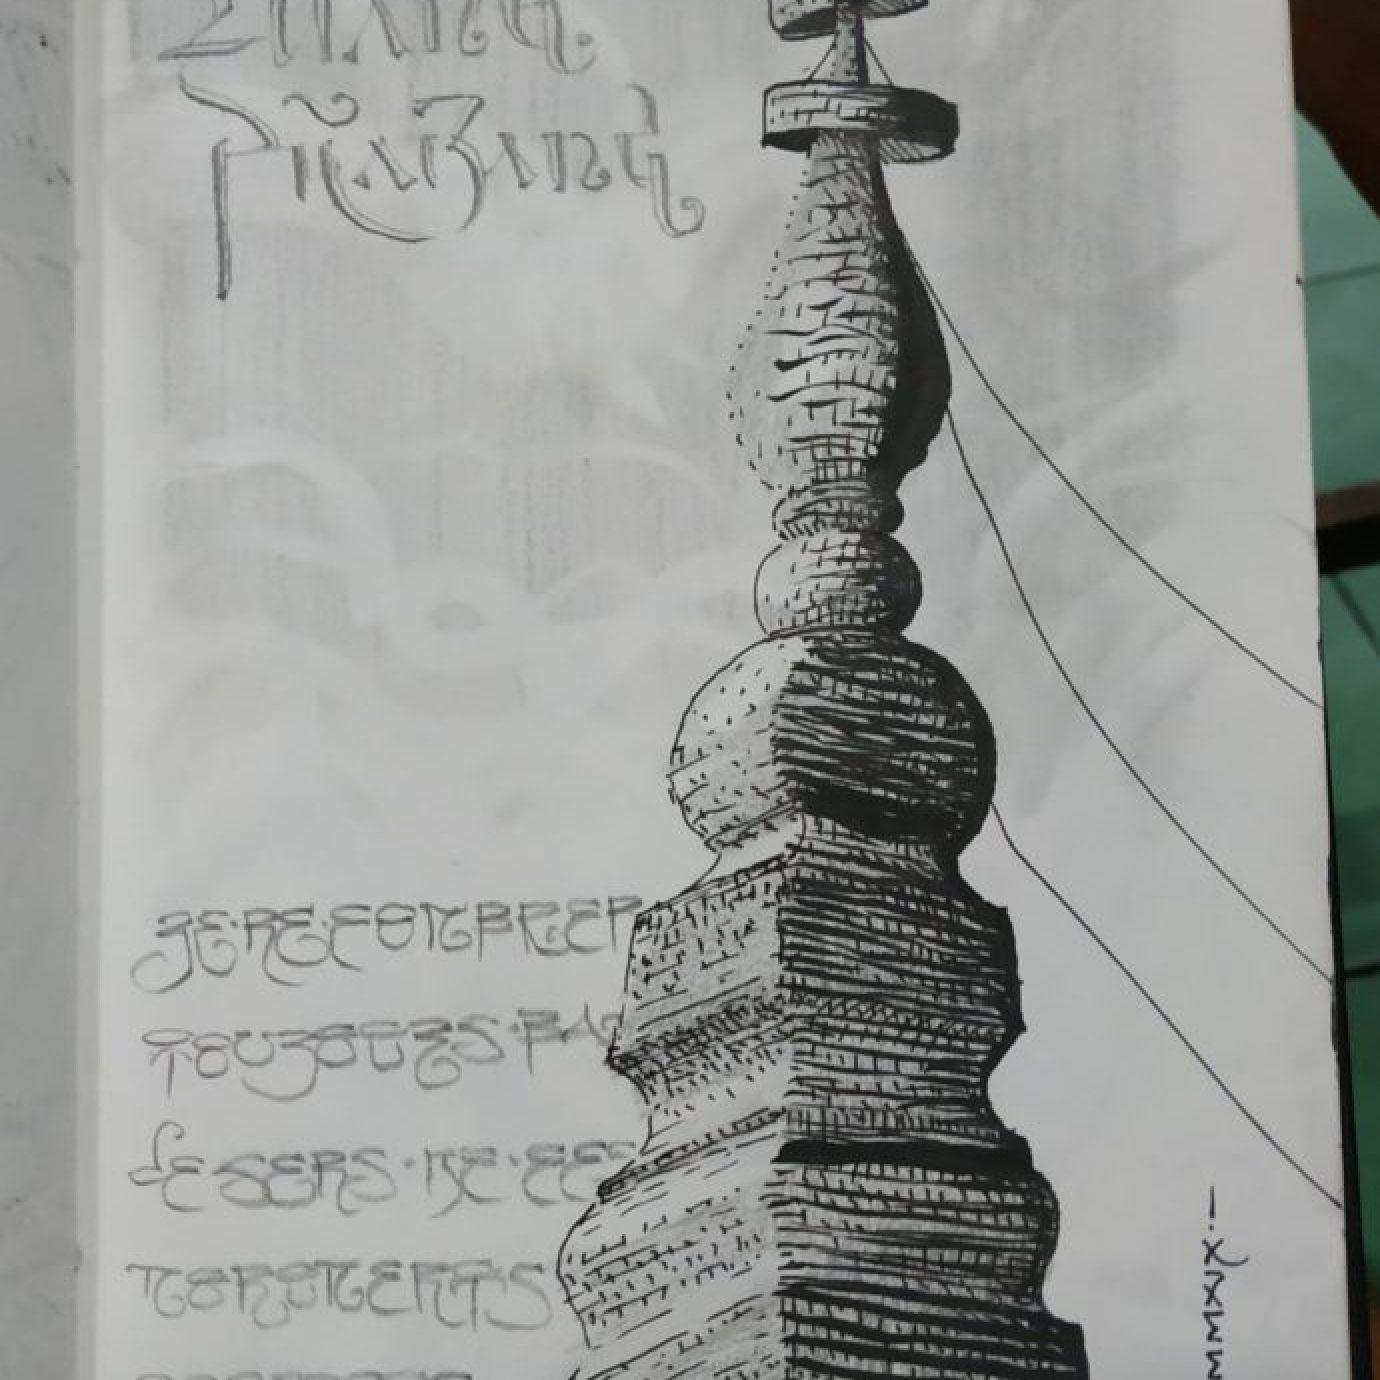 Les pagodes de Luang Prabang (dessin)